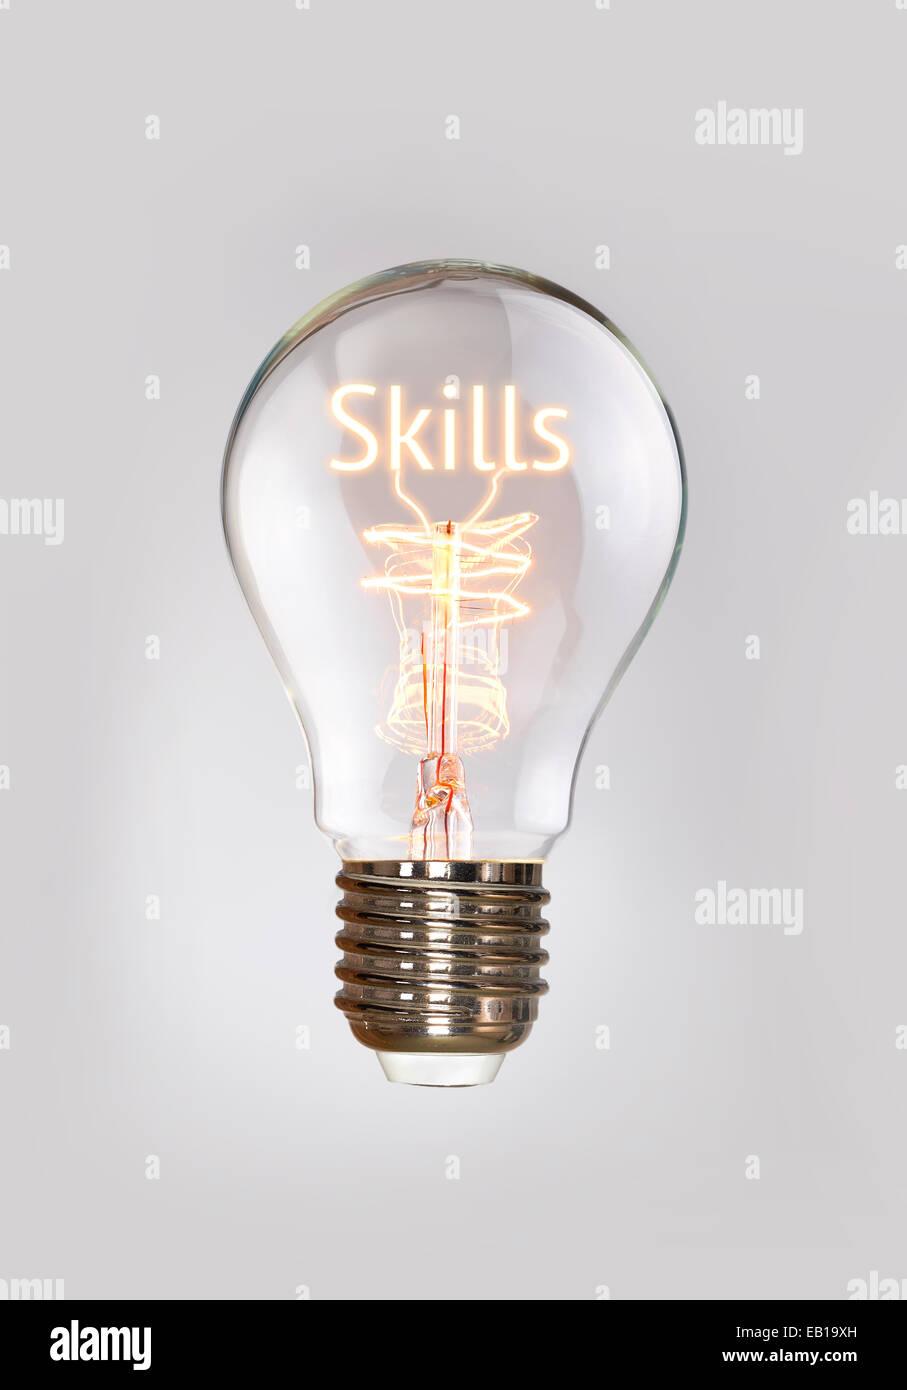 Concept des compétences dans une ampoule à incandescence. Photo Stock